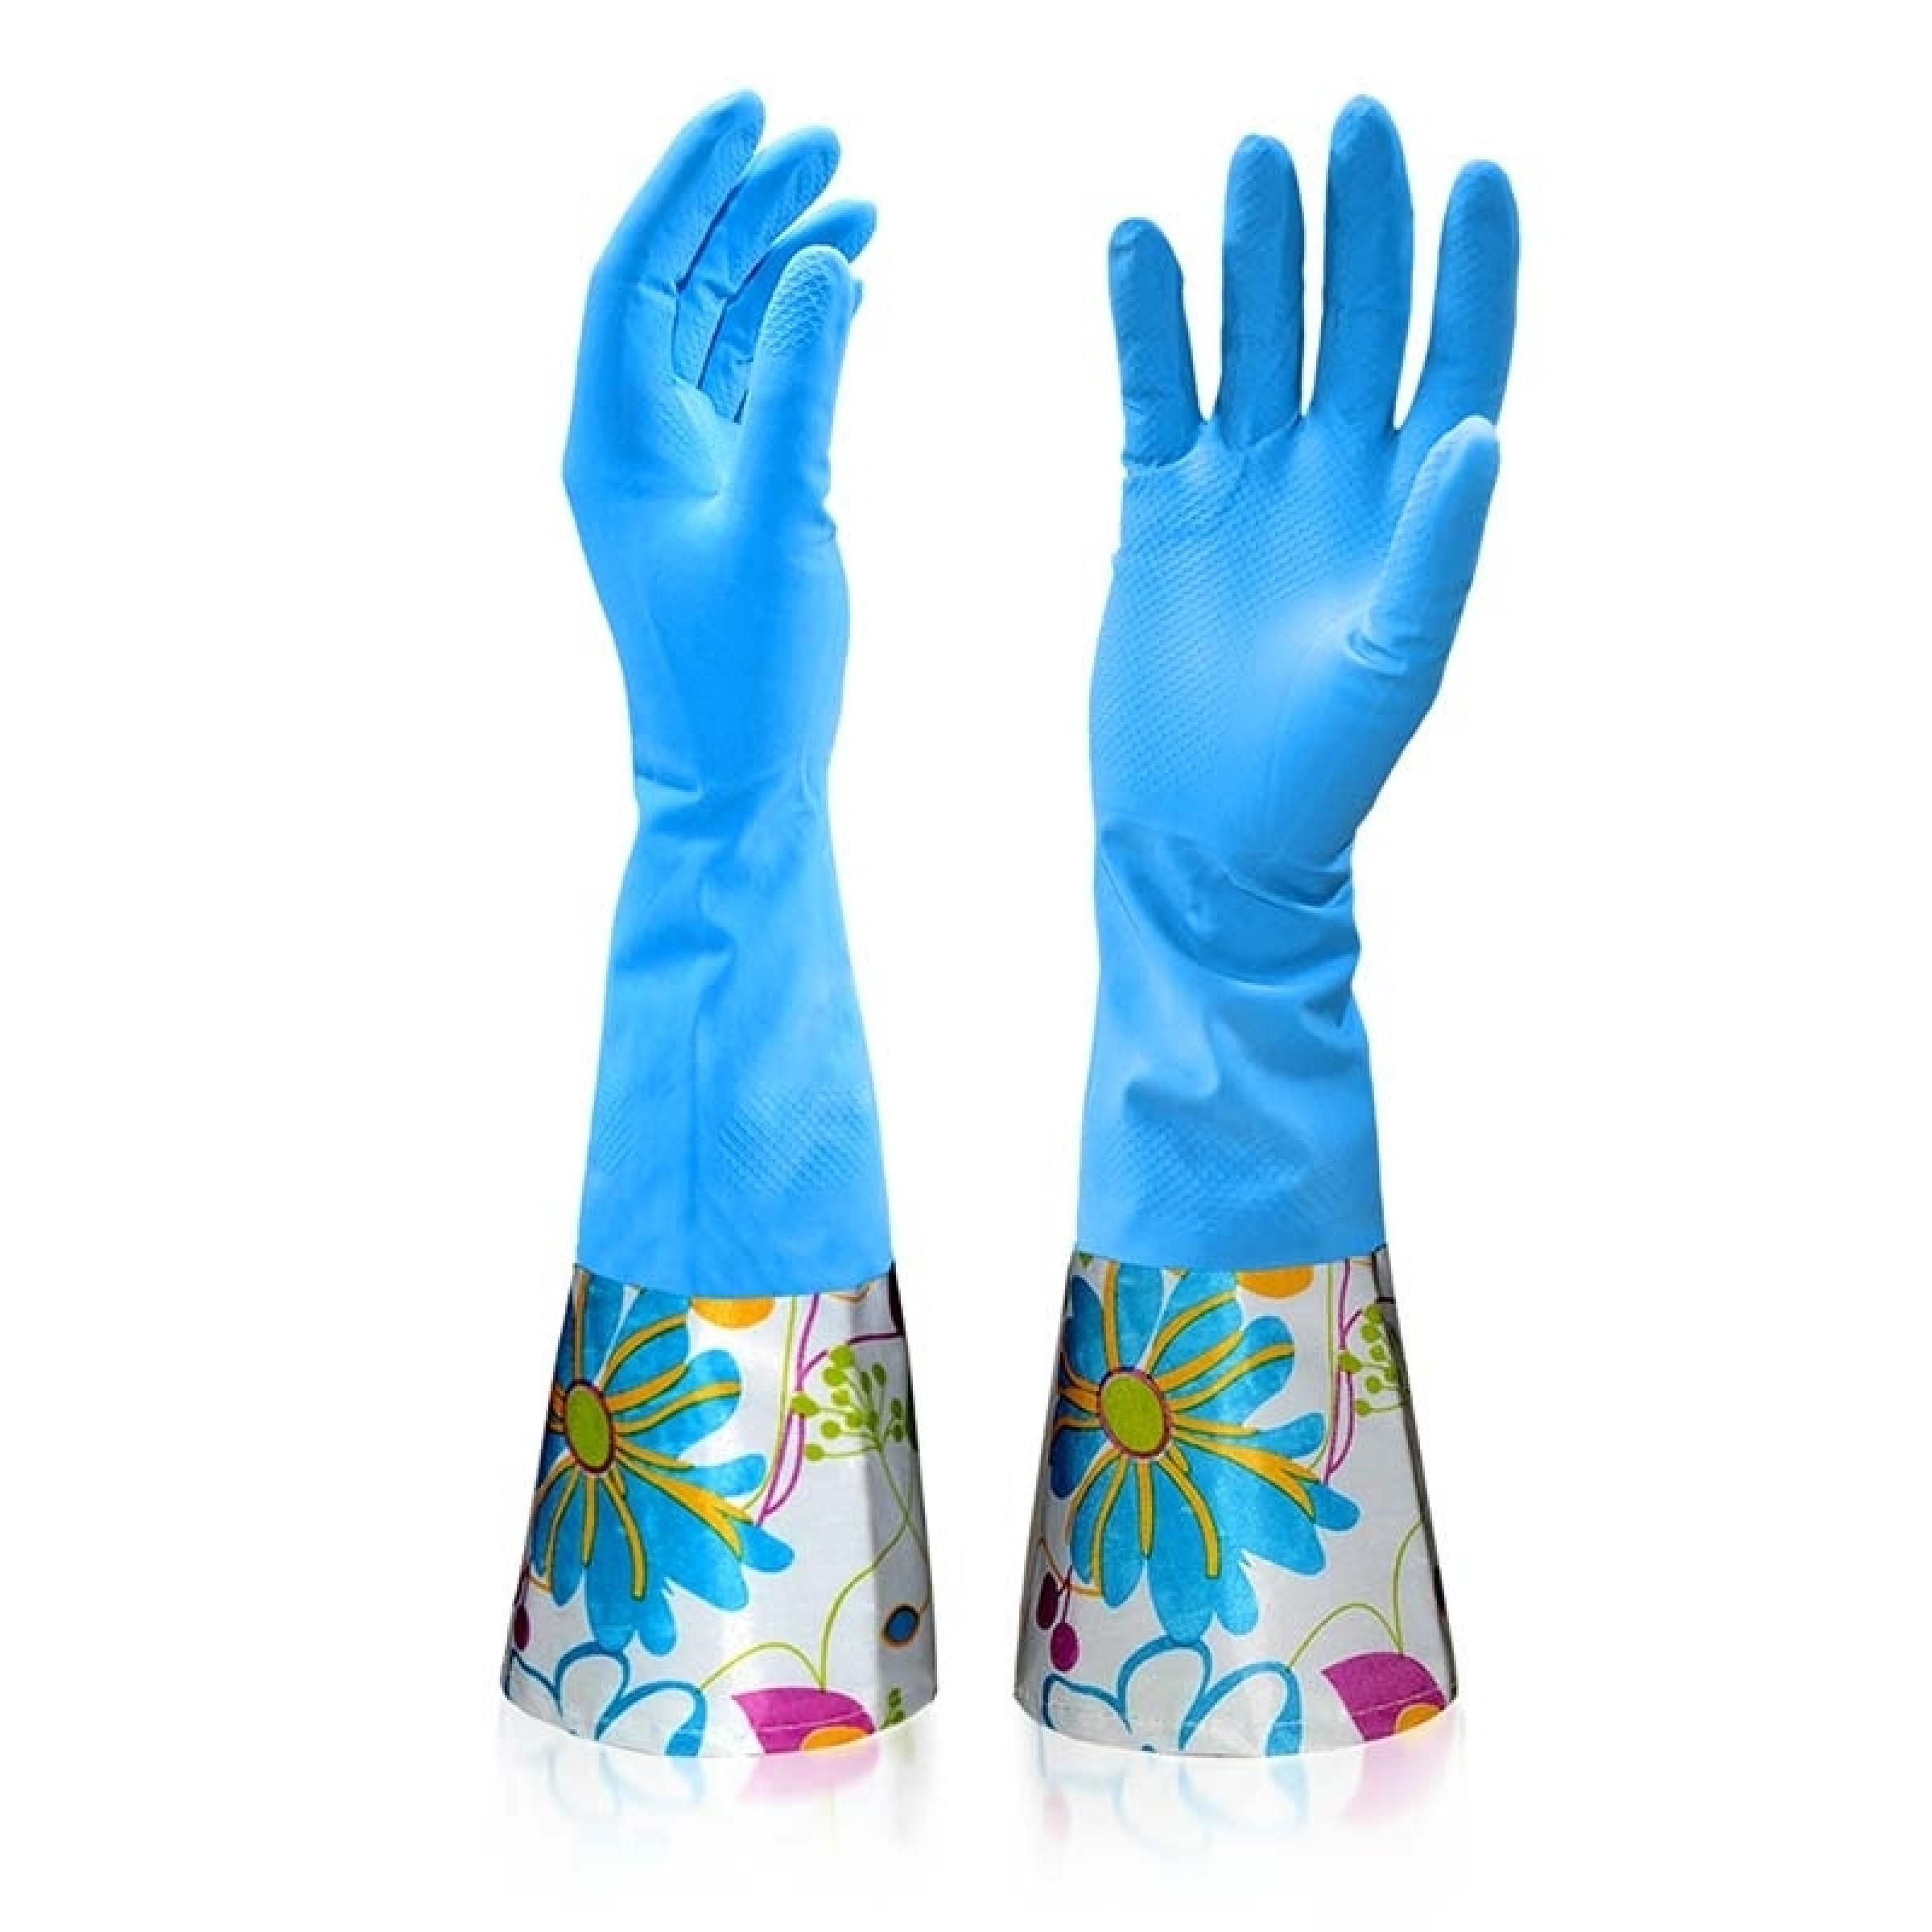 Перчатки латексные с хлопковым напылением и удлиненной манжетой размер L Malibri, 1шт